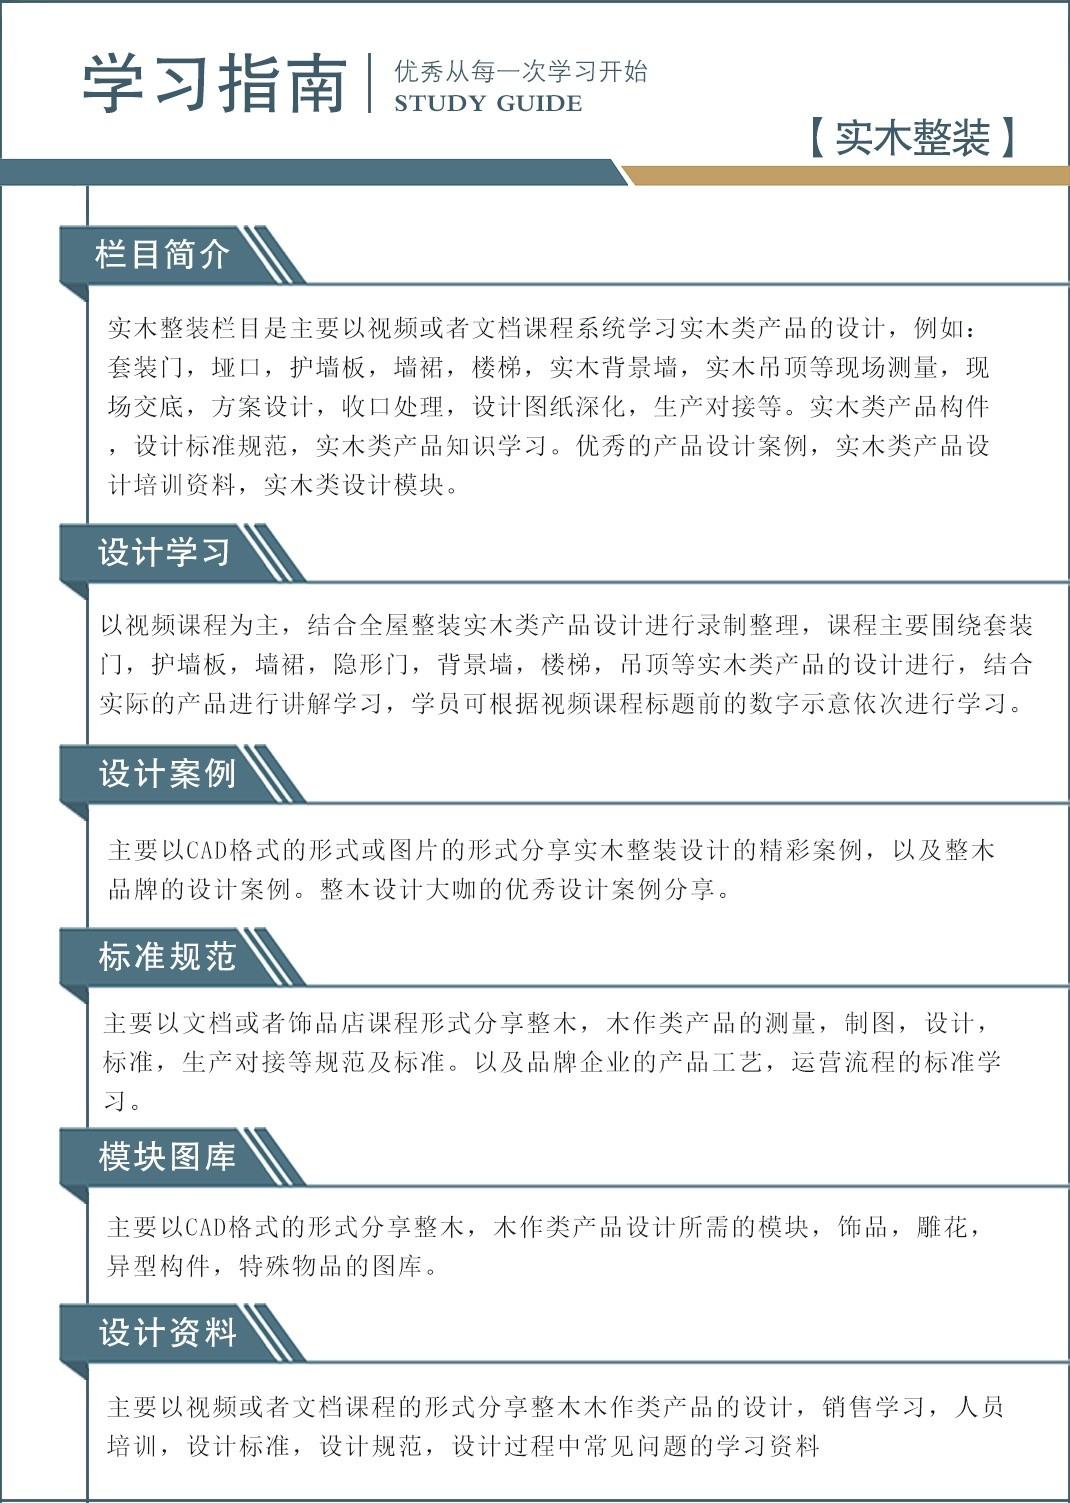 实木整装学习指南_看图王.jpg